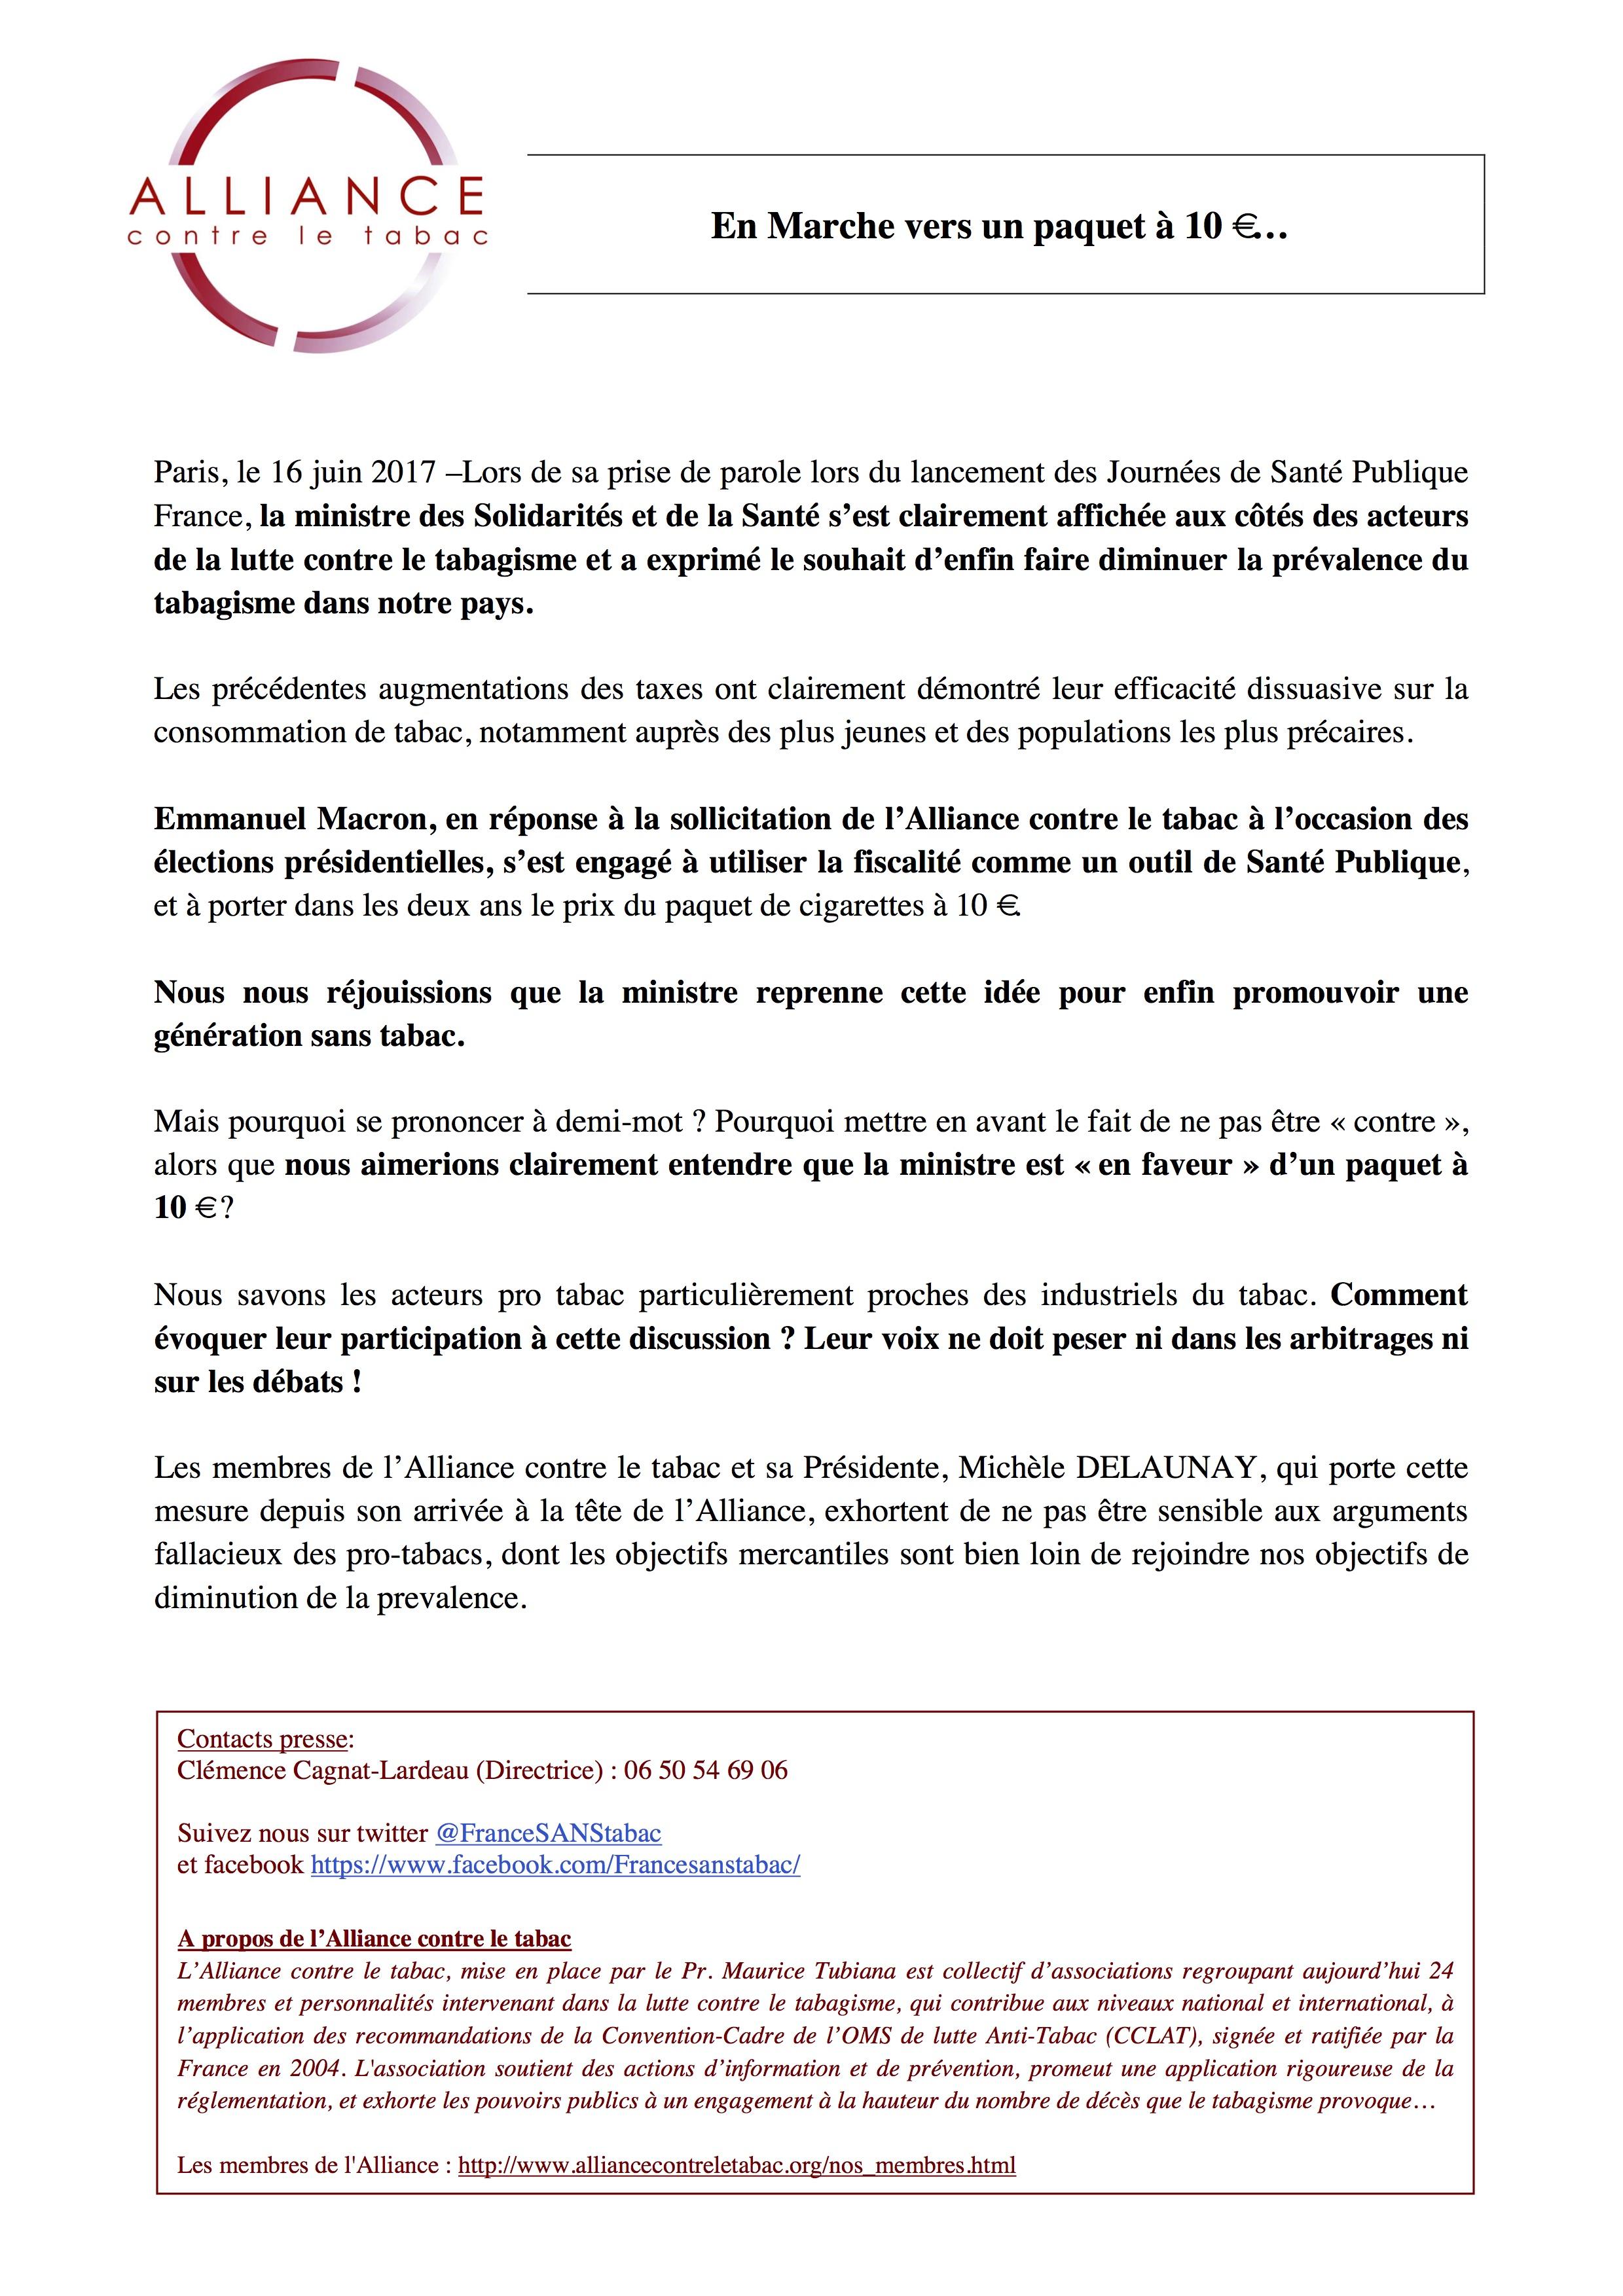 CP16062017 - ACT - En marche vers un paquet à 10 €...jpg